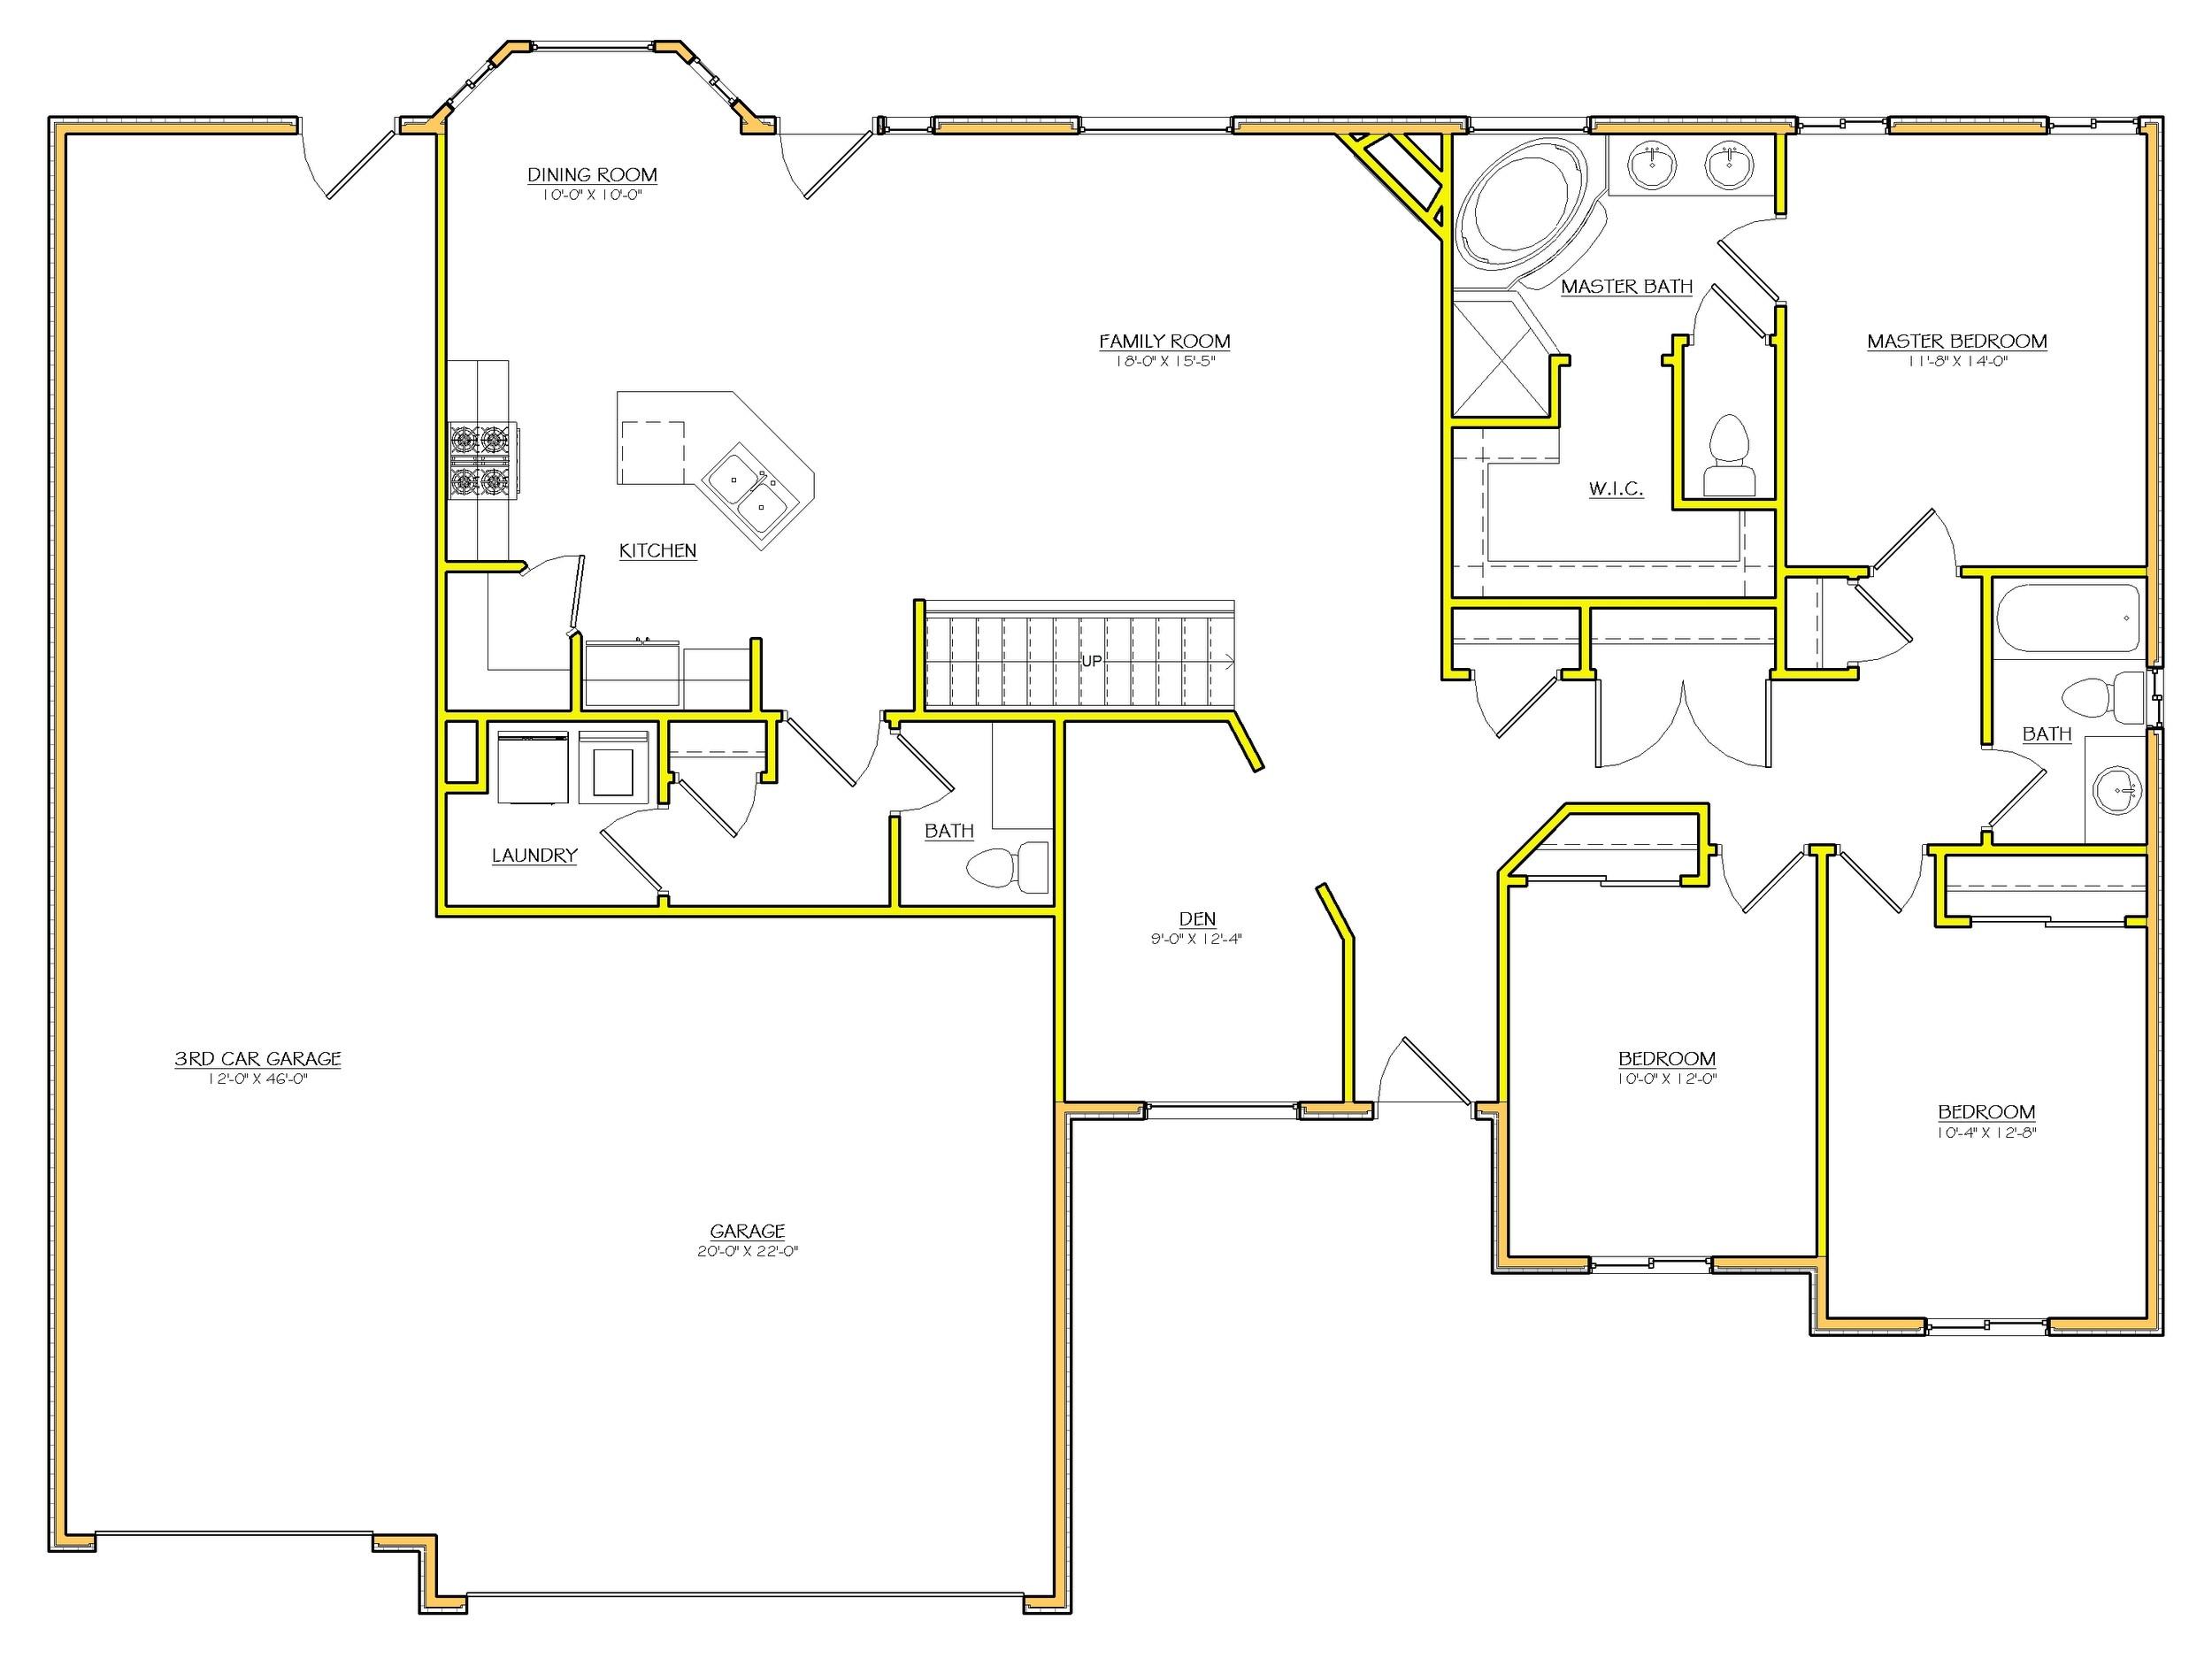 house plans in utah